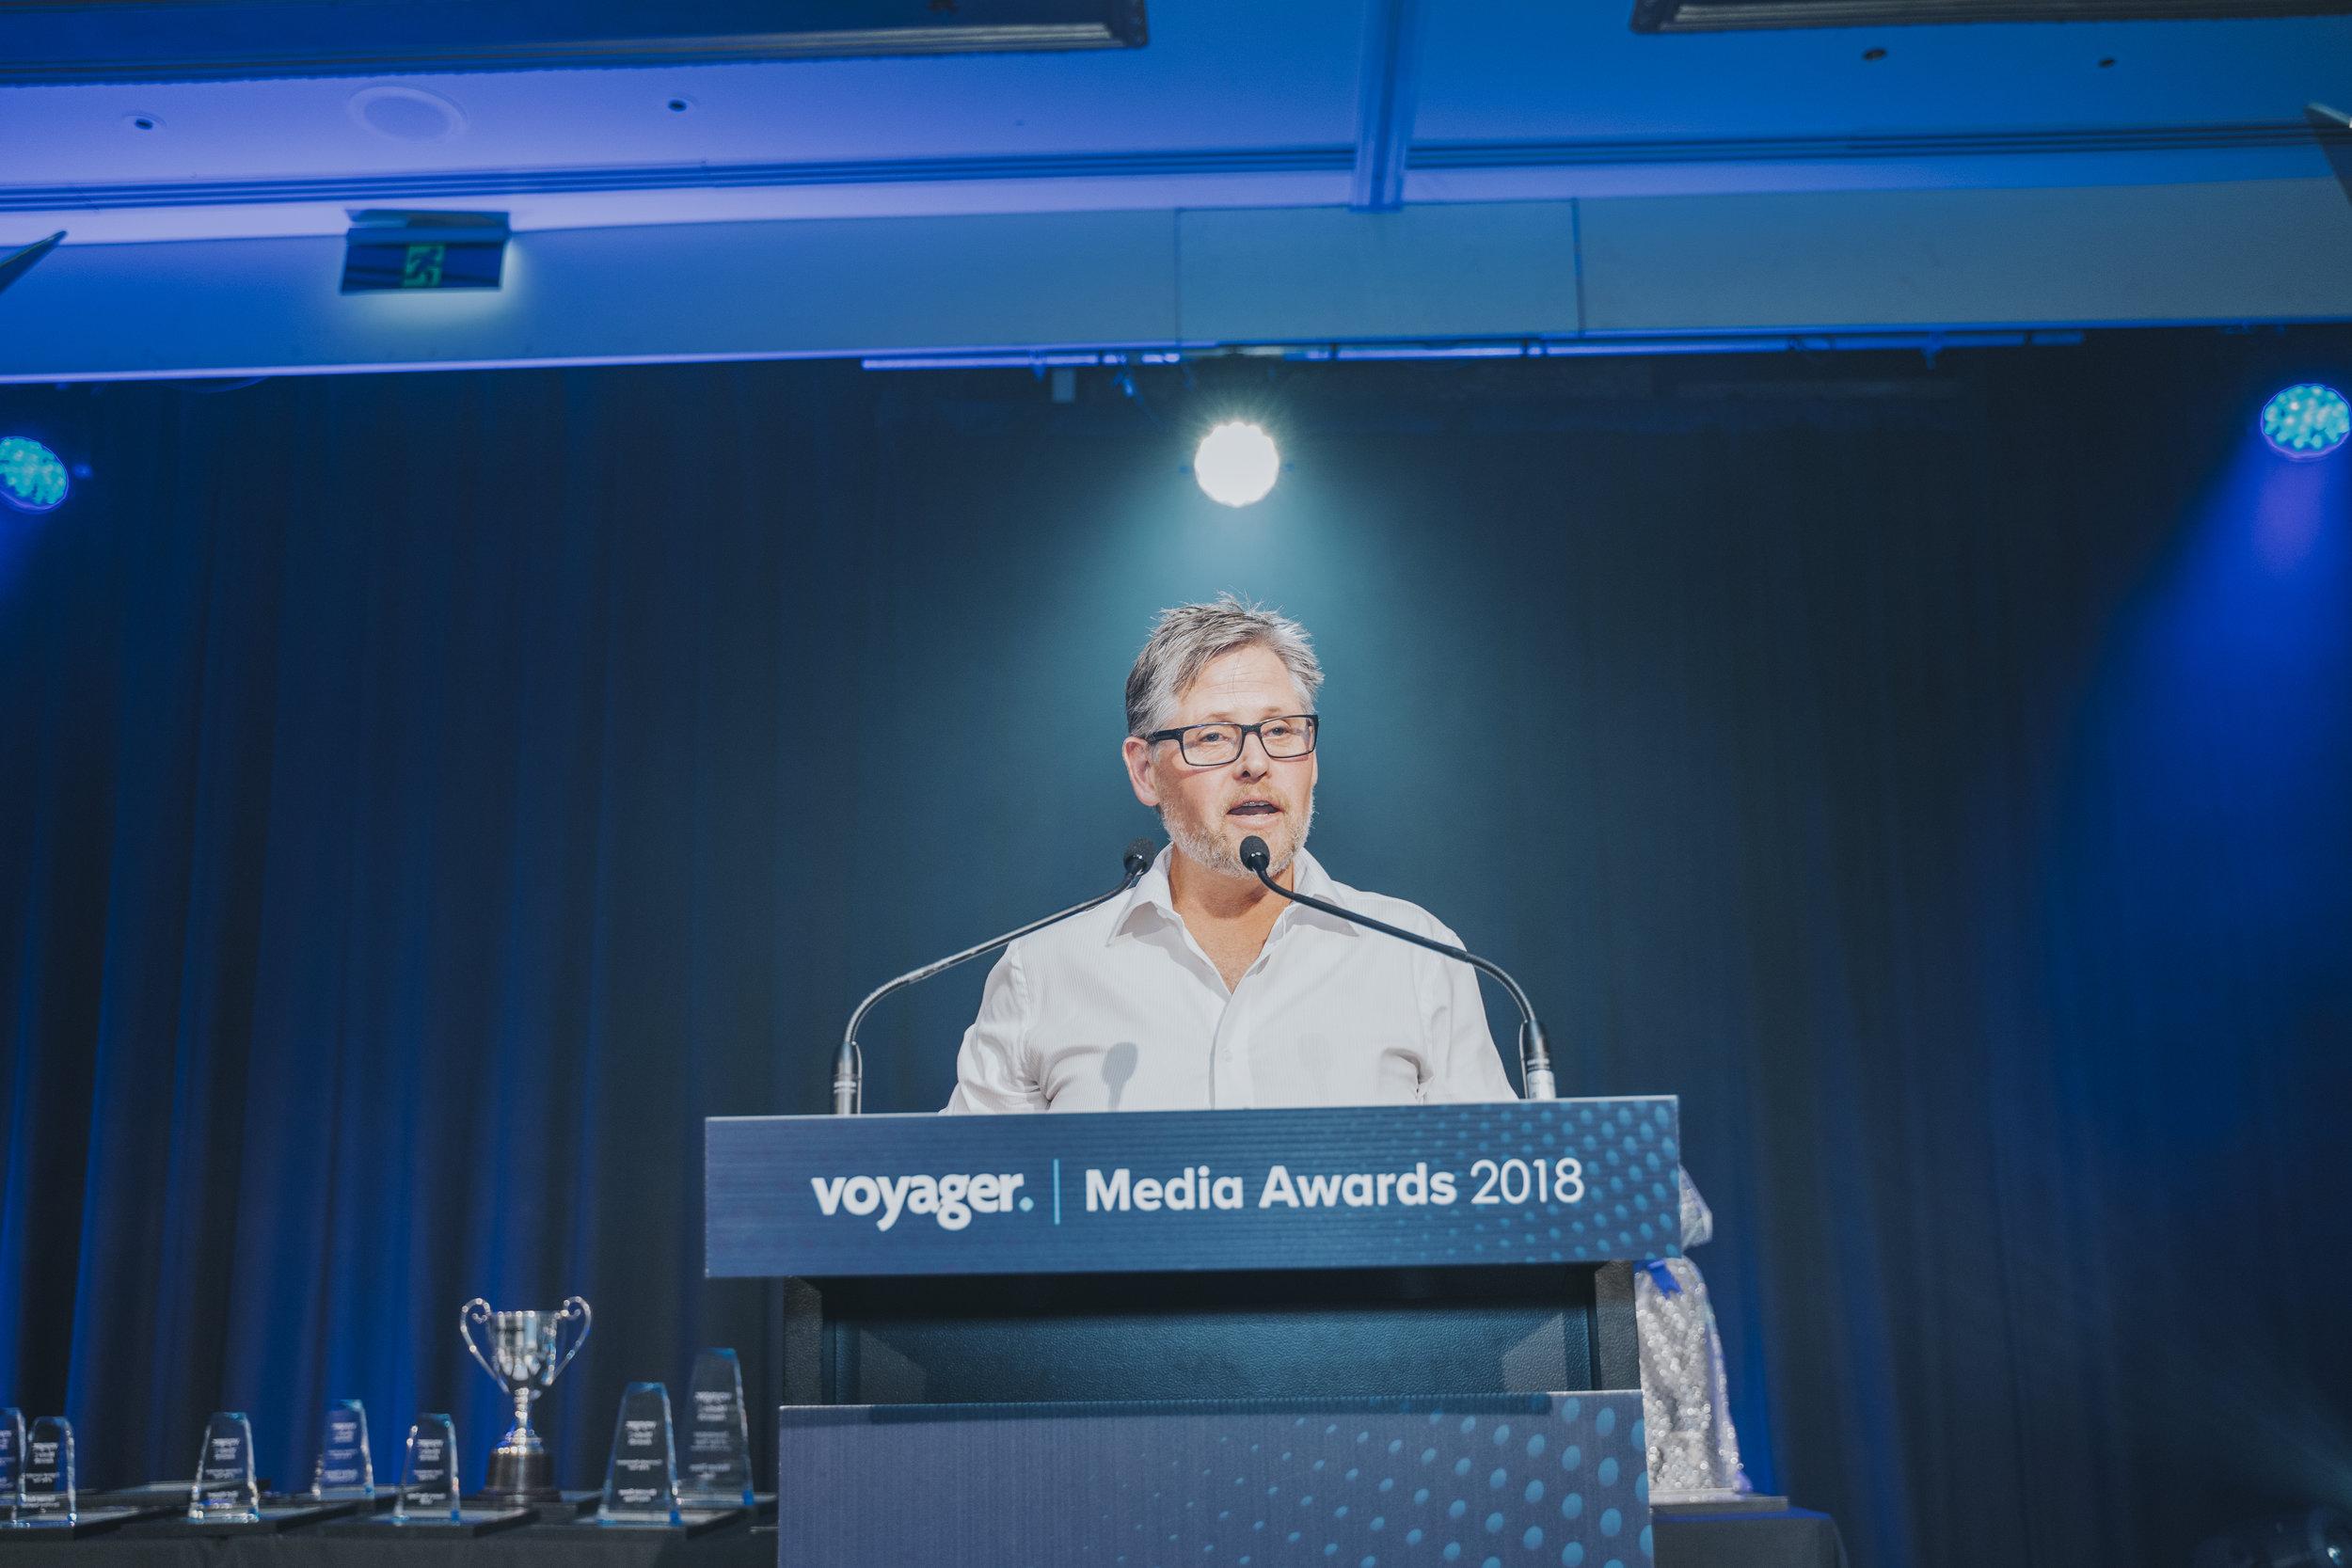 Voyager Media Awards 2018-169.JPG